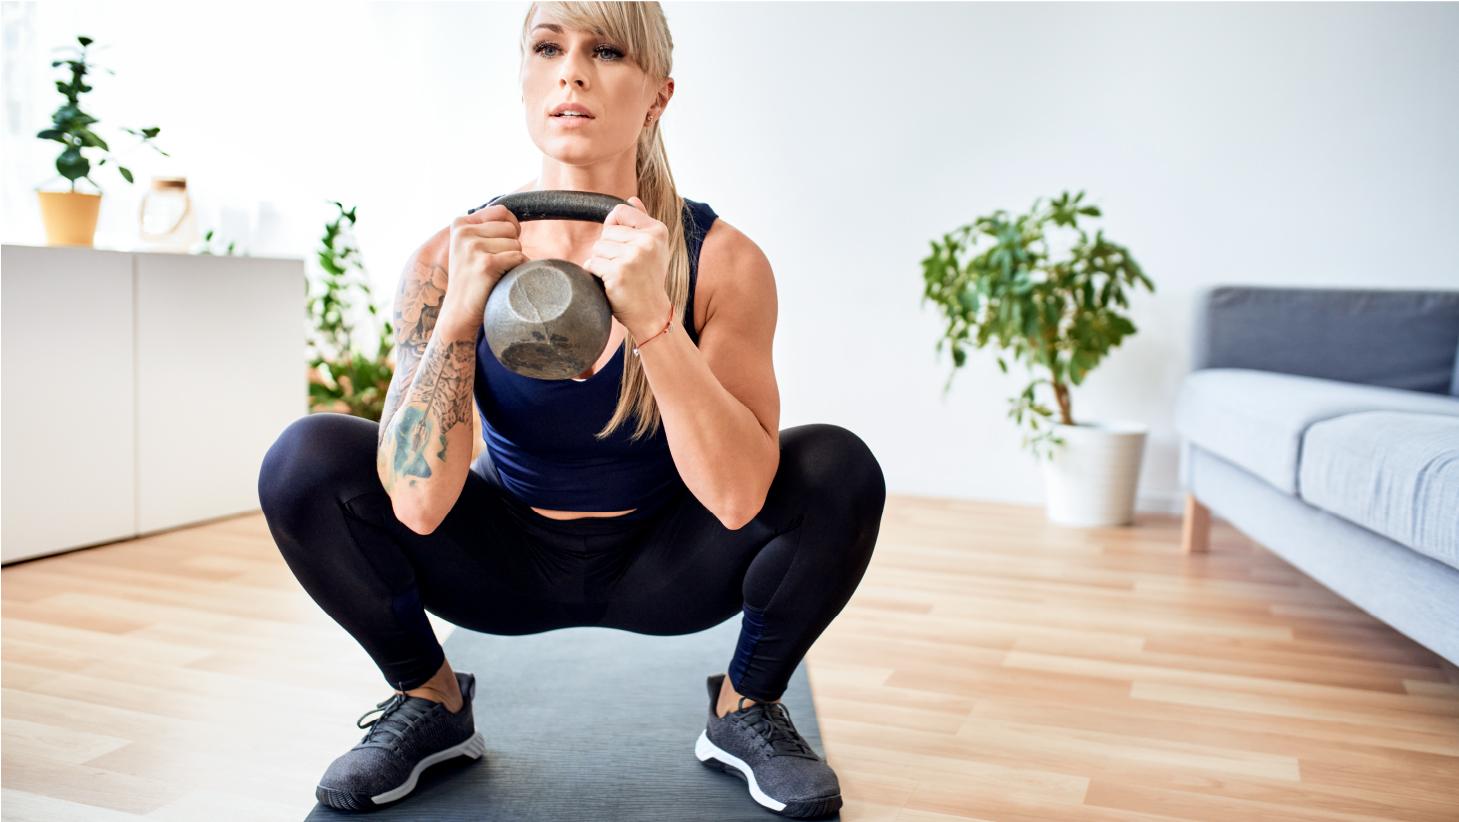 woman doing a kettlebell workout